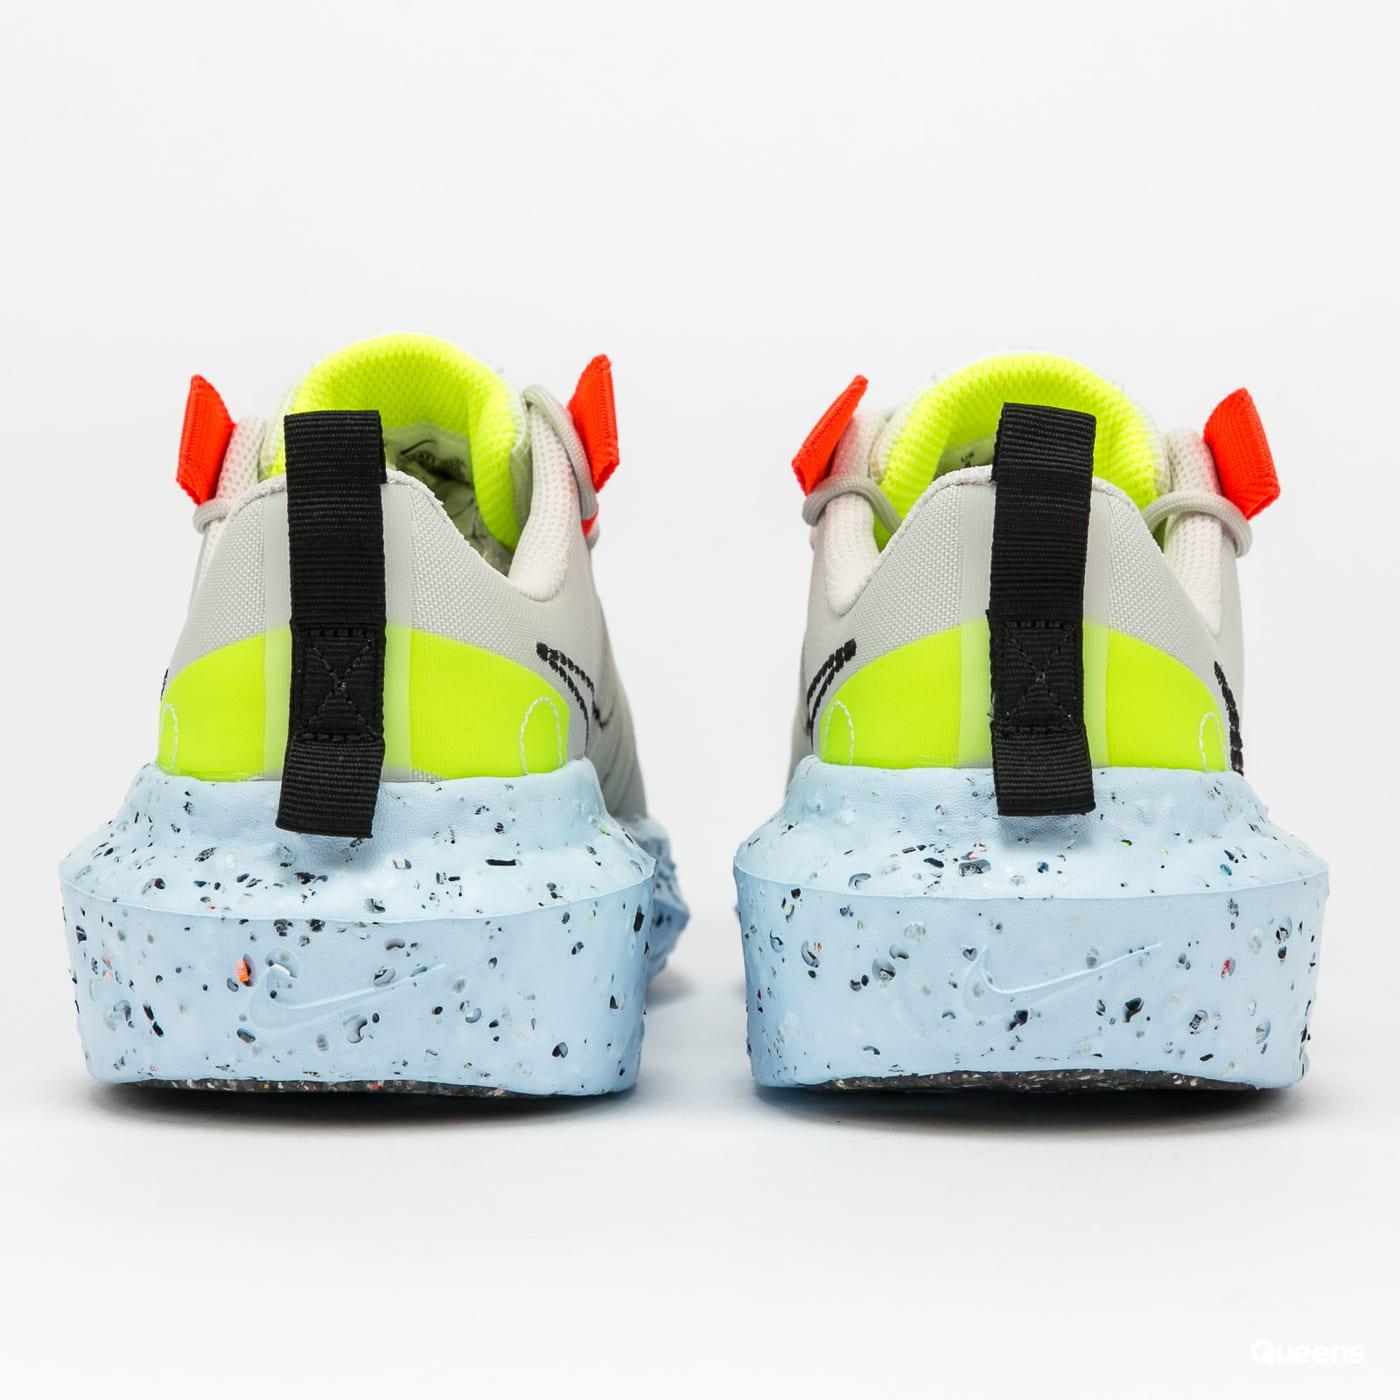 Nike Crater Impact light bone / black - stone - volt